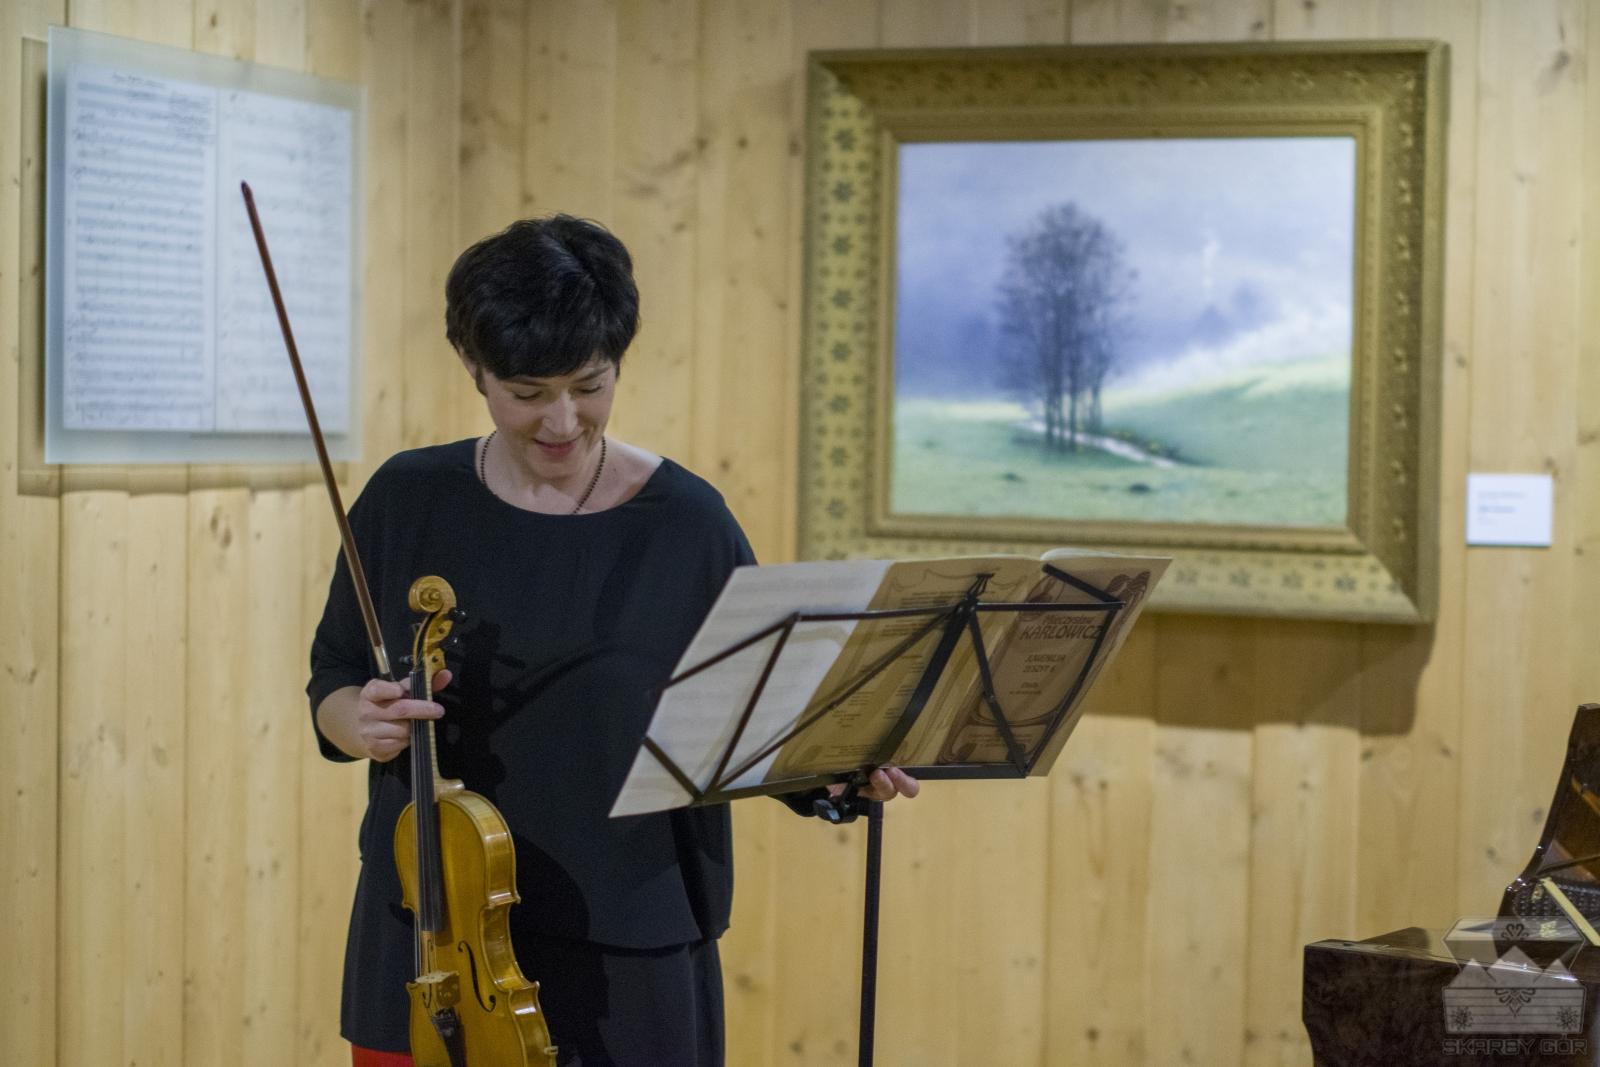 Koncert w 110 rocznicę śmierci Mieczysława Karłowicza Anna Szabelka